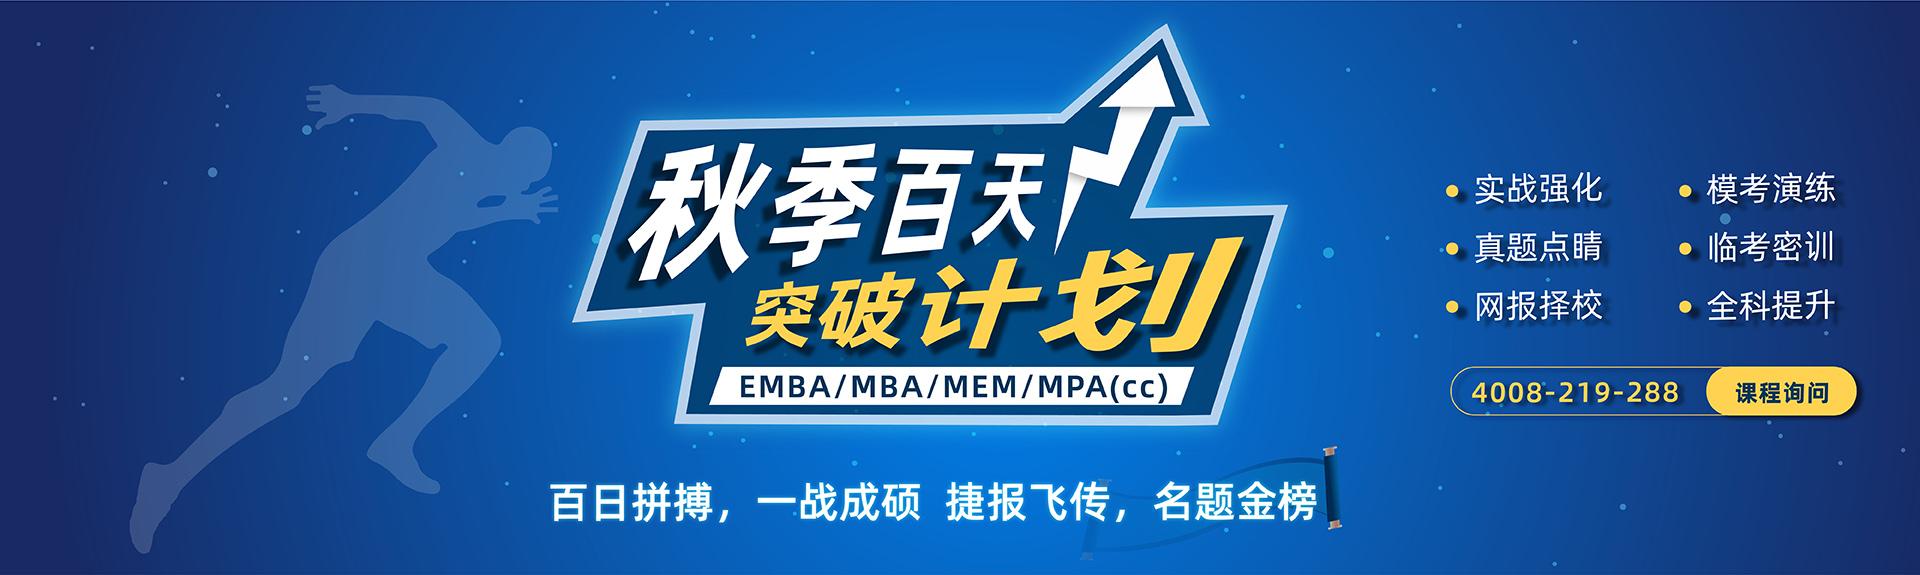 征辰2022EMBA/MBA/MEM/MPA(cc)秋季百天突破计划